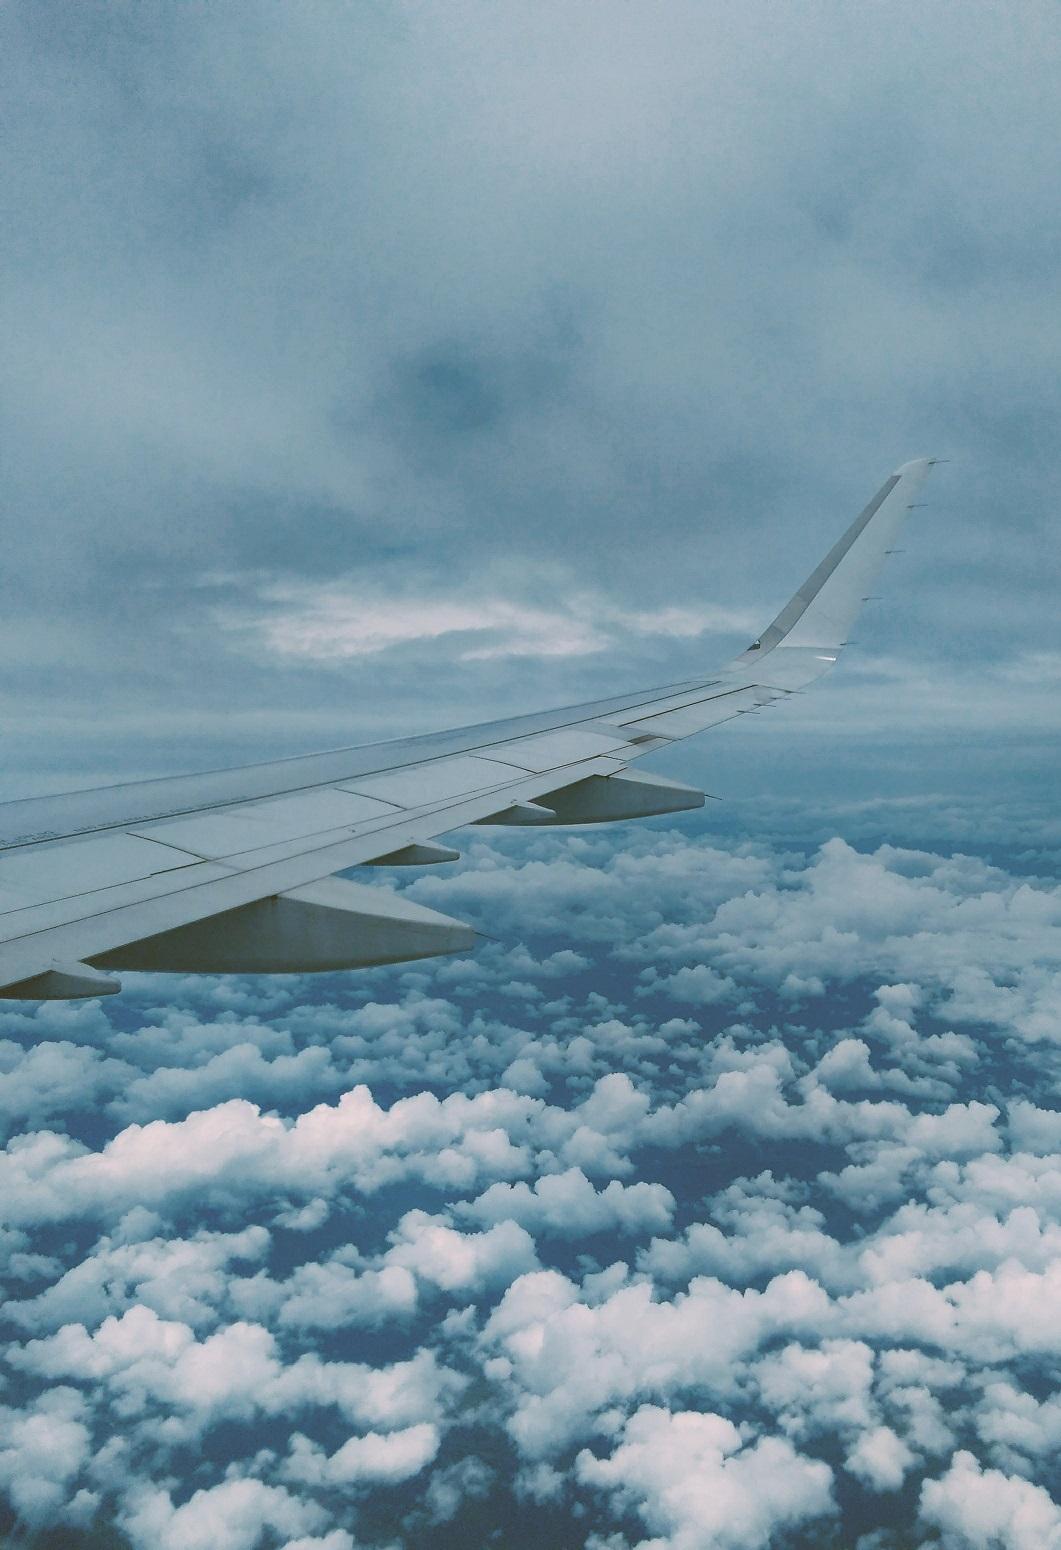 Gutscheinvorlage Flugsimulation